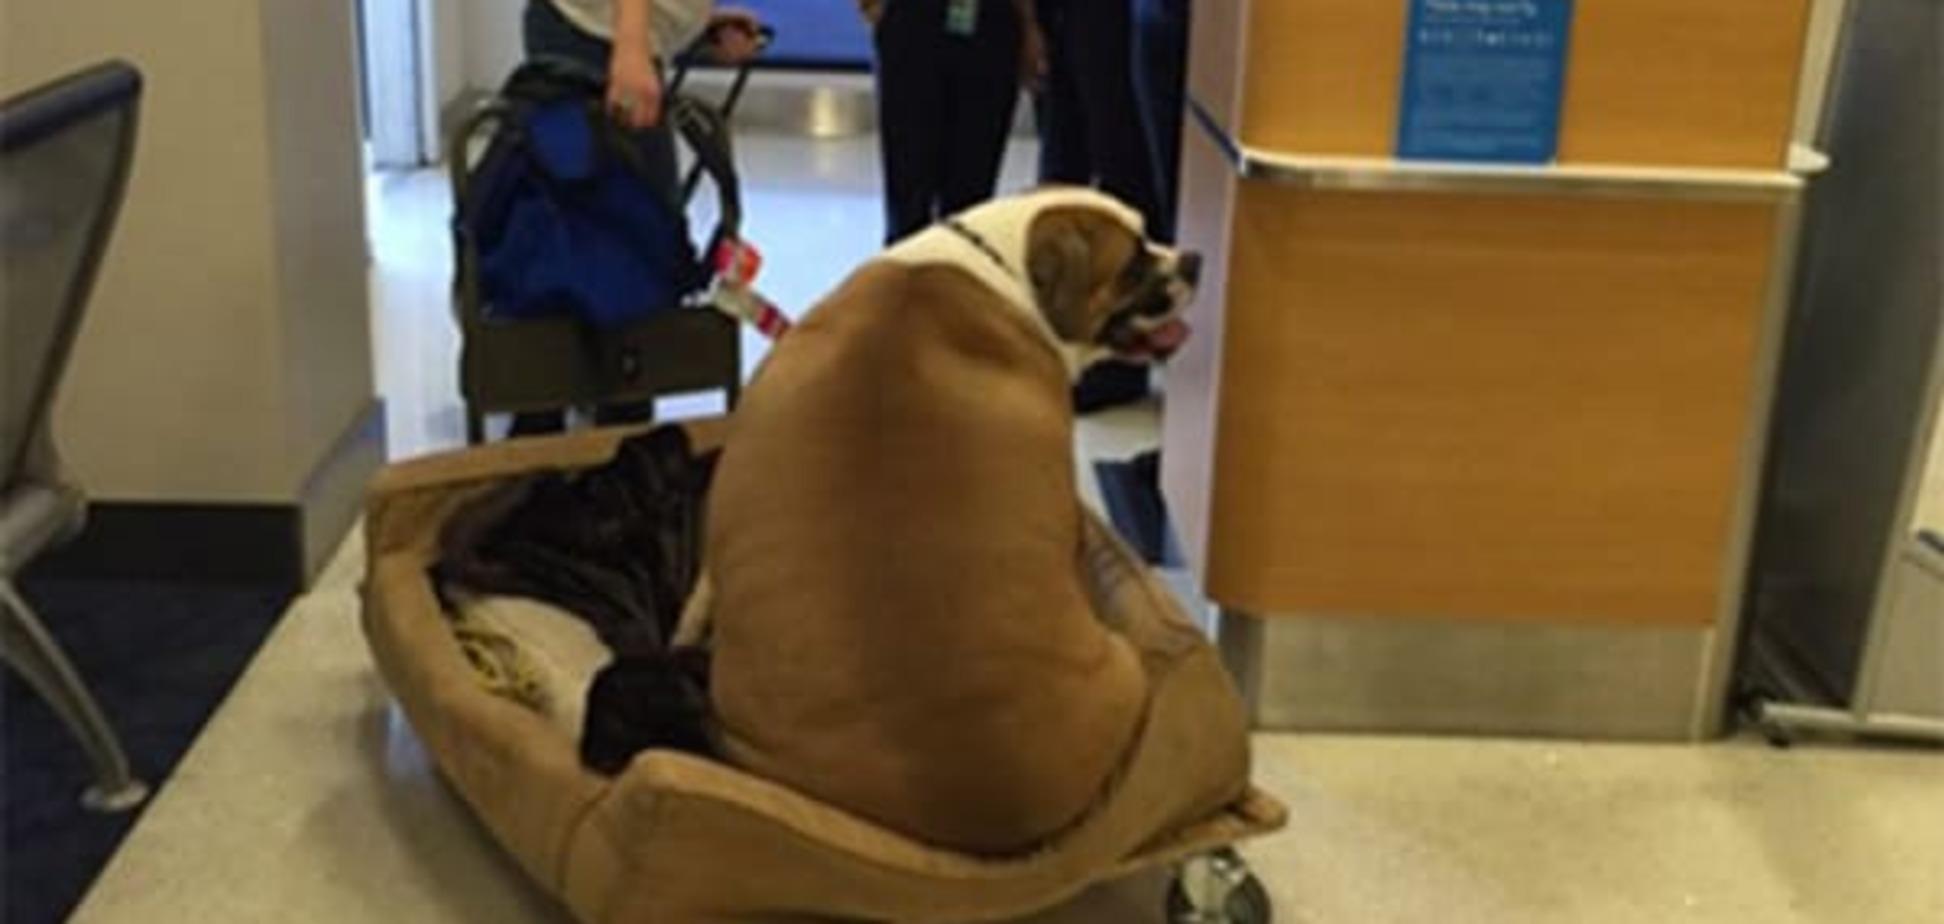 Королівське ставлення до пса, що поглпдшав, 'підірвало' інтернет: фотофакт